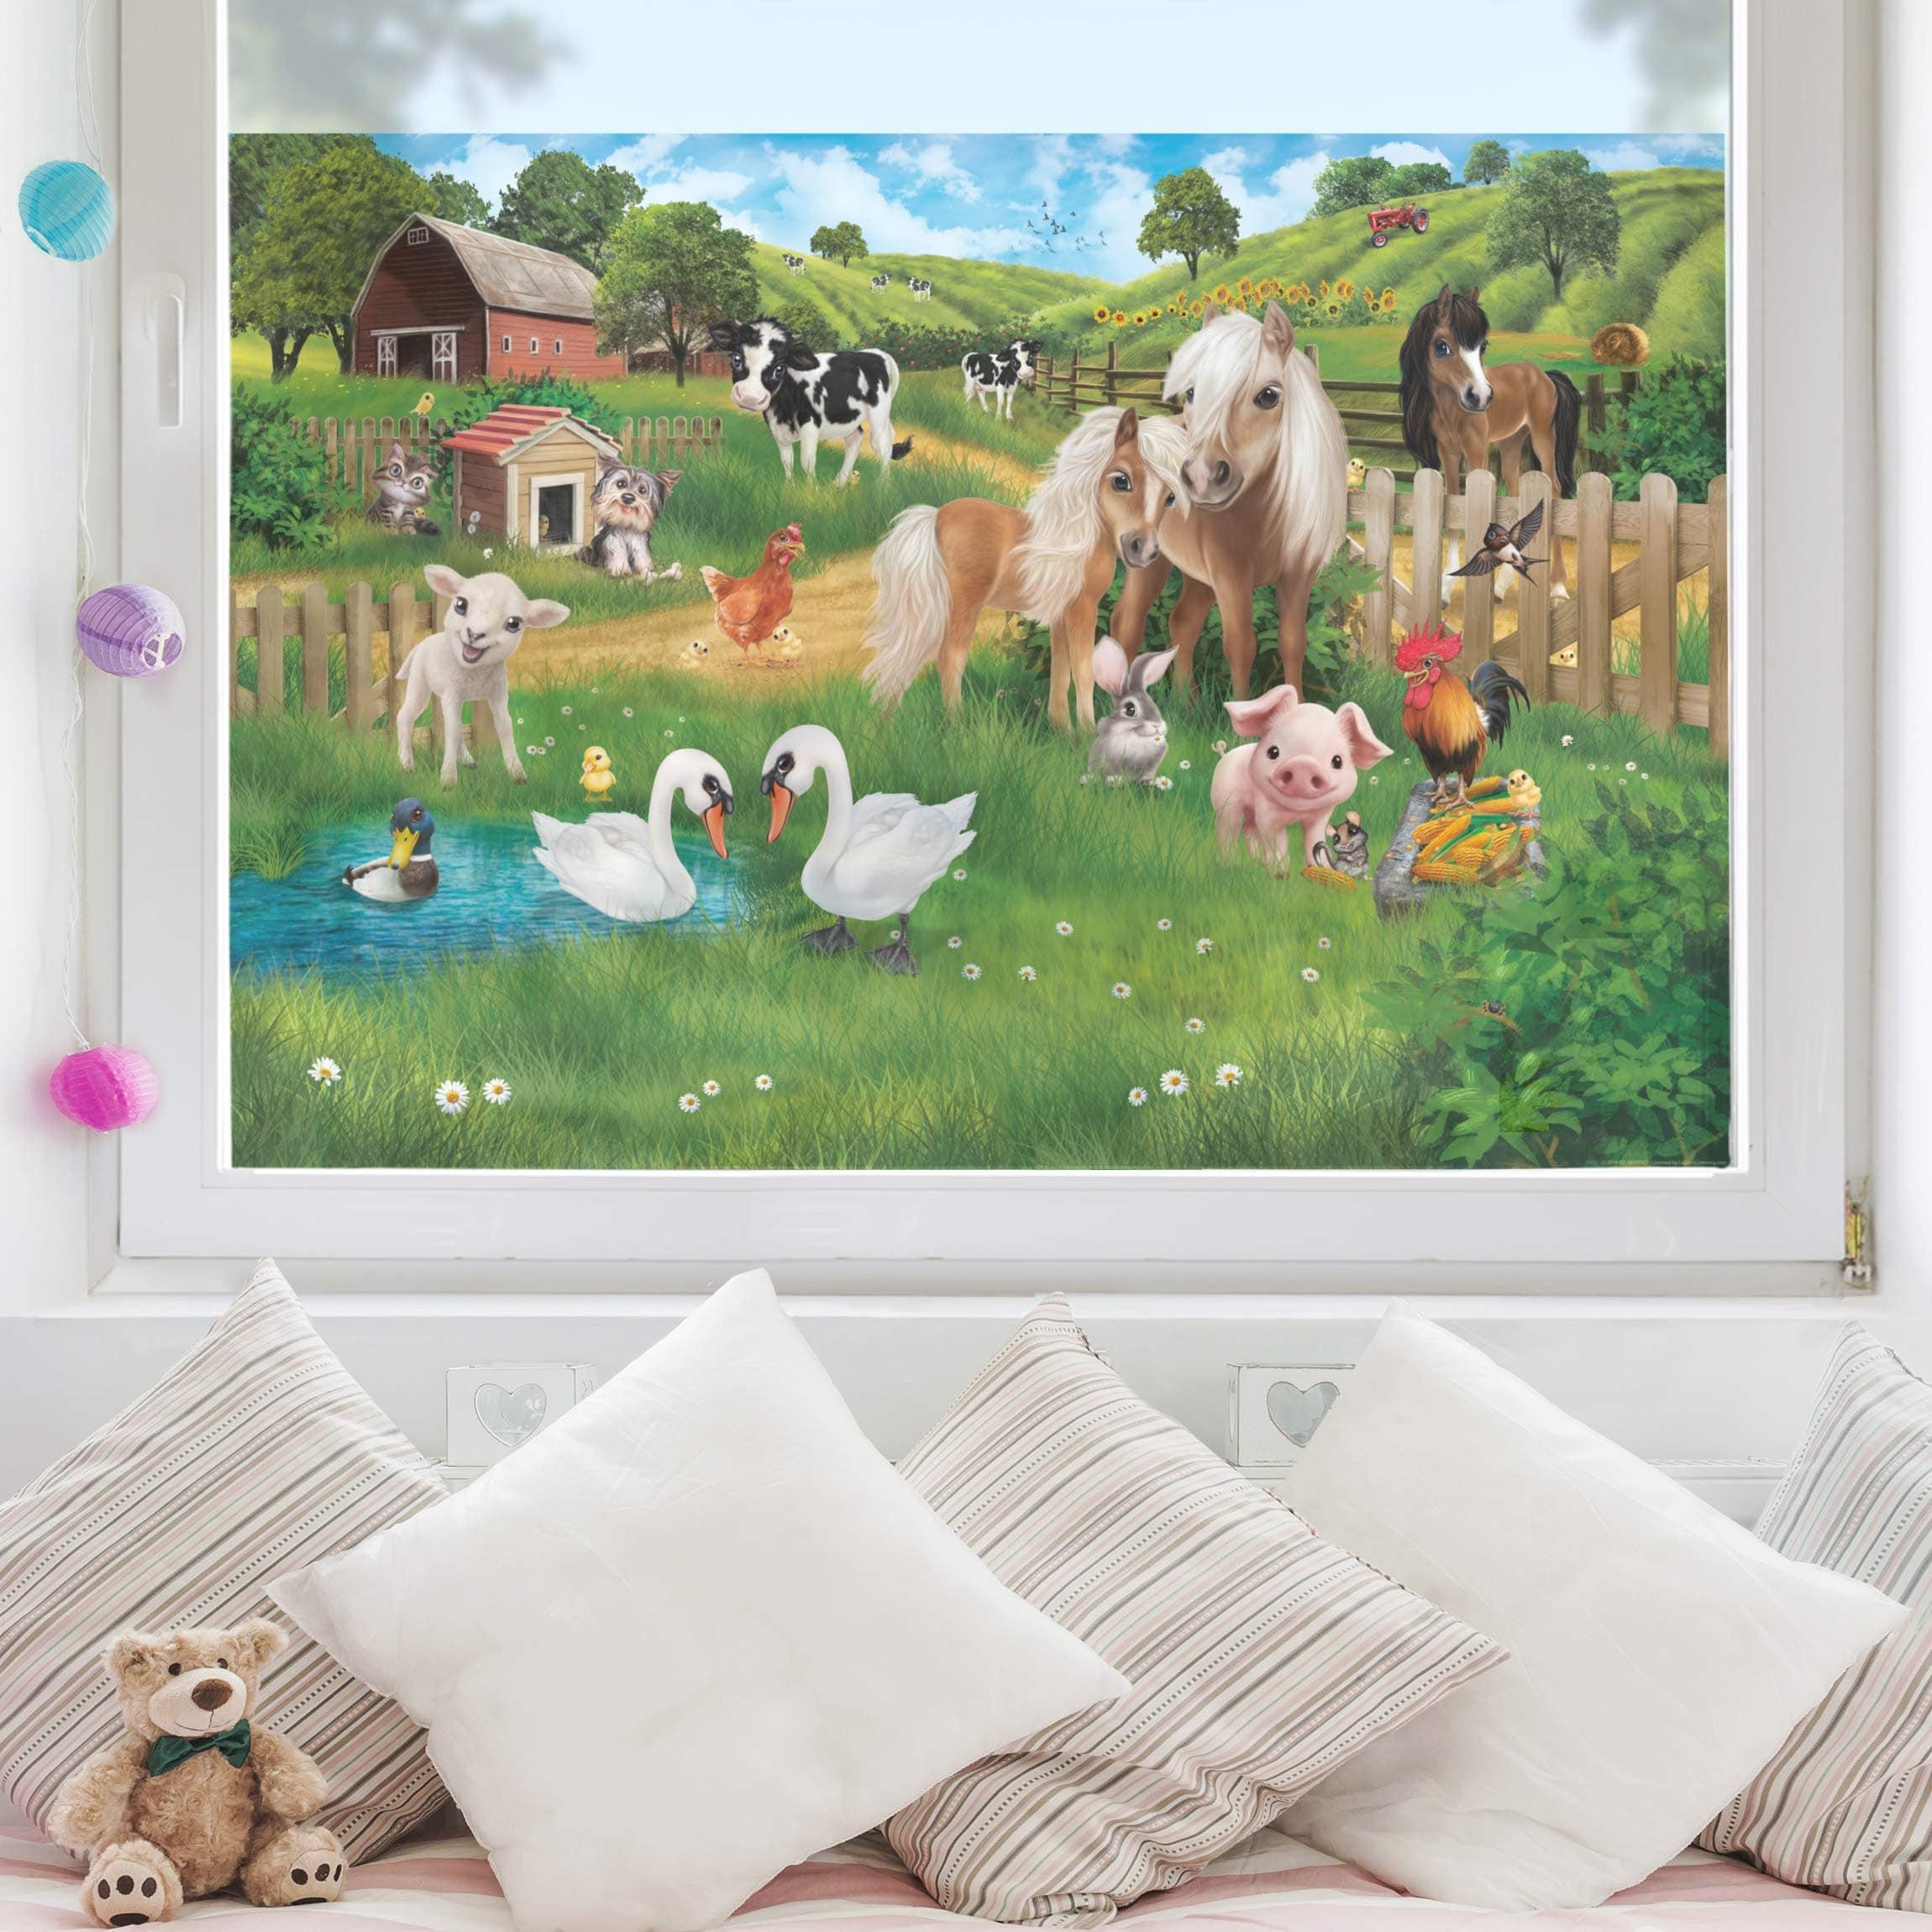 Fensterfolie Kinderzimmer Sichtschutz Tiere Auf Dem Bauernhof